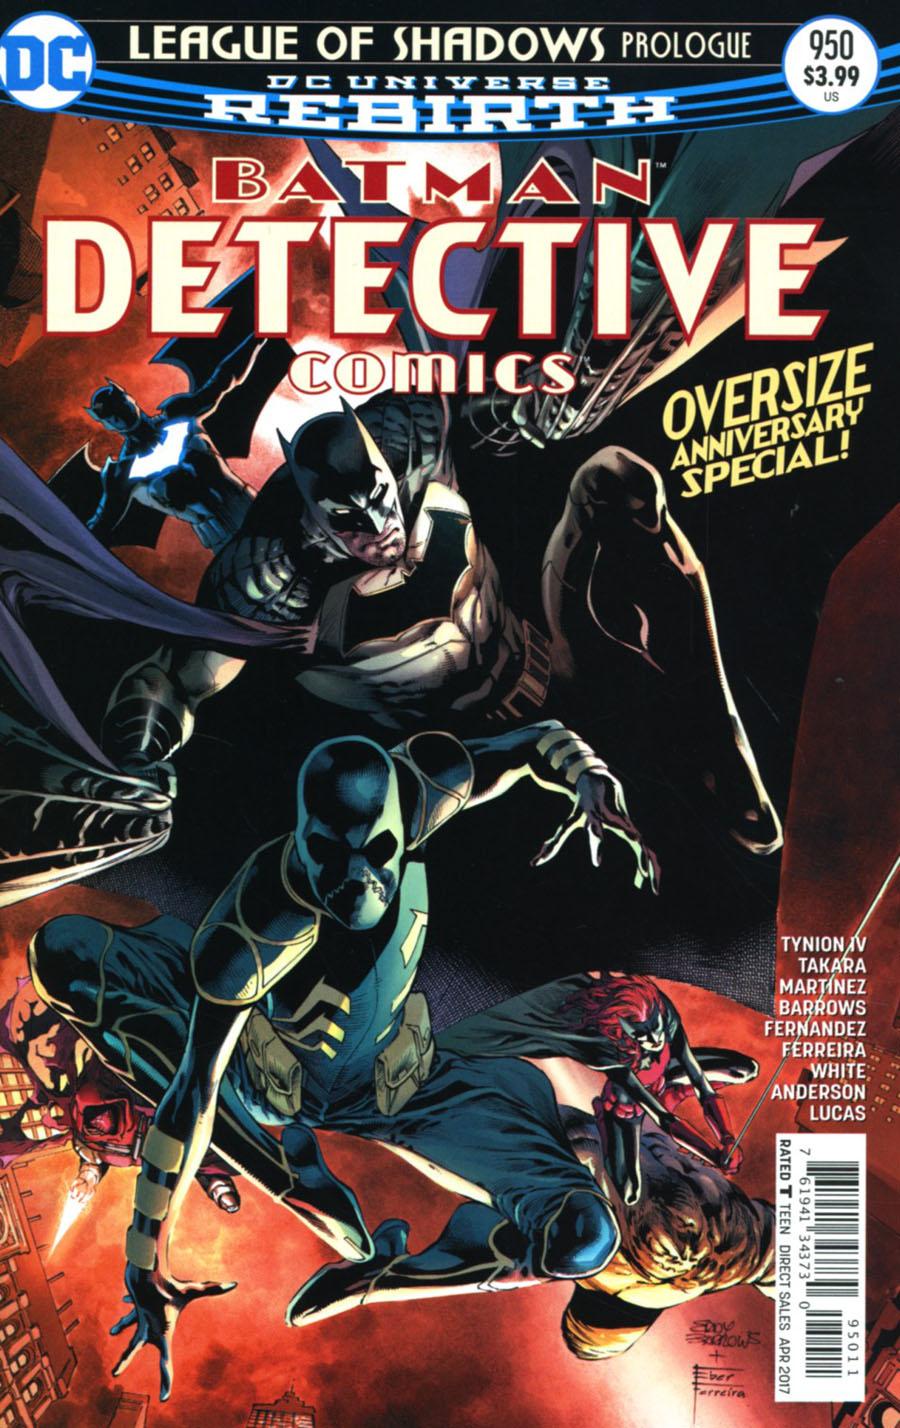 Batman - Detective Comics 950 - League of Shadows - prologue